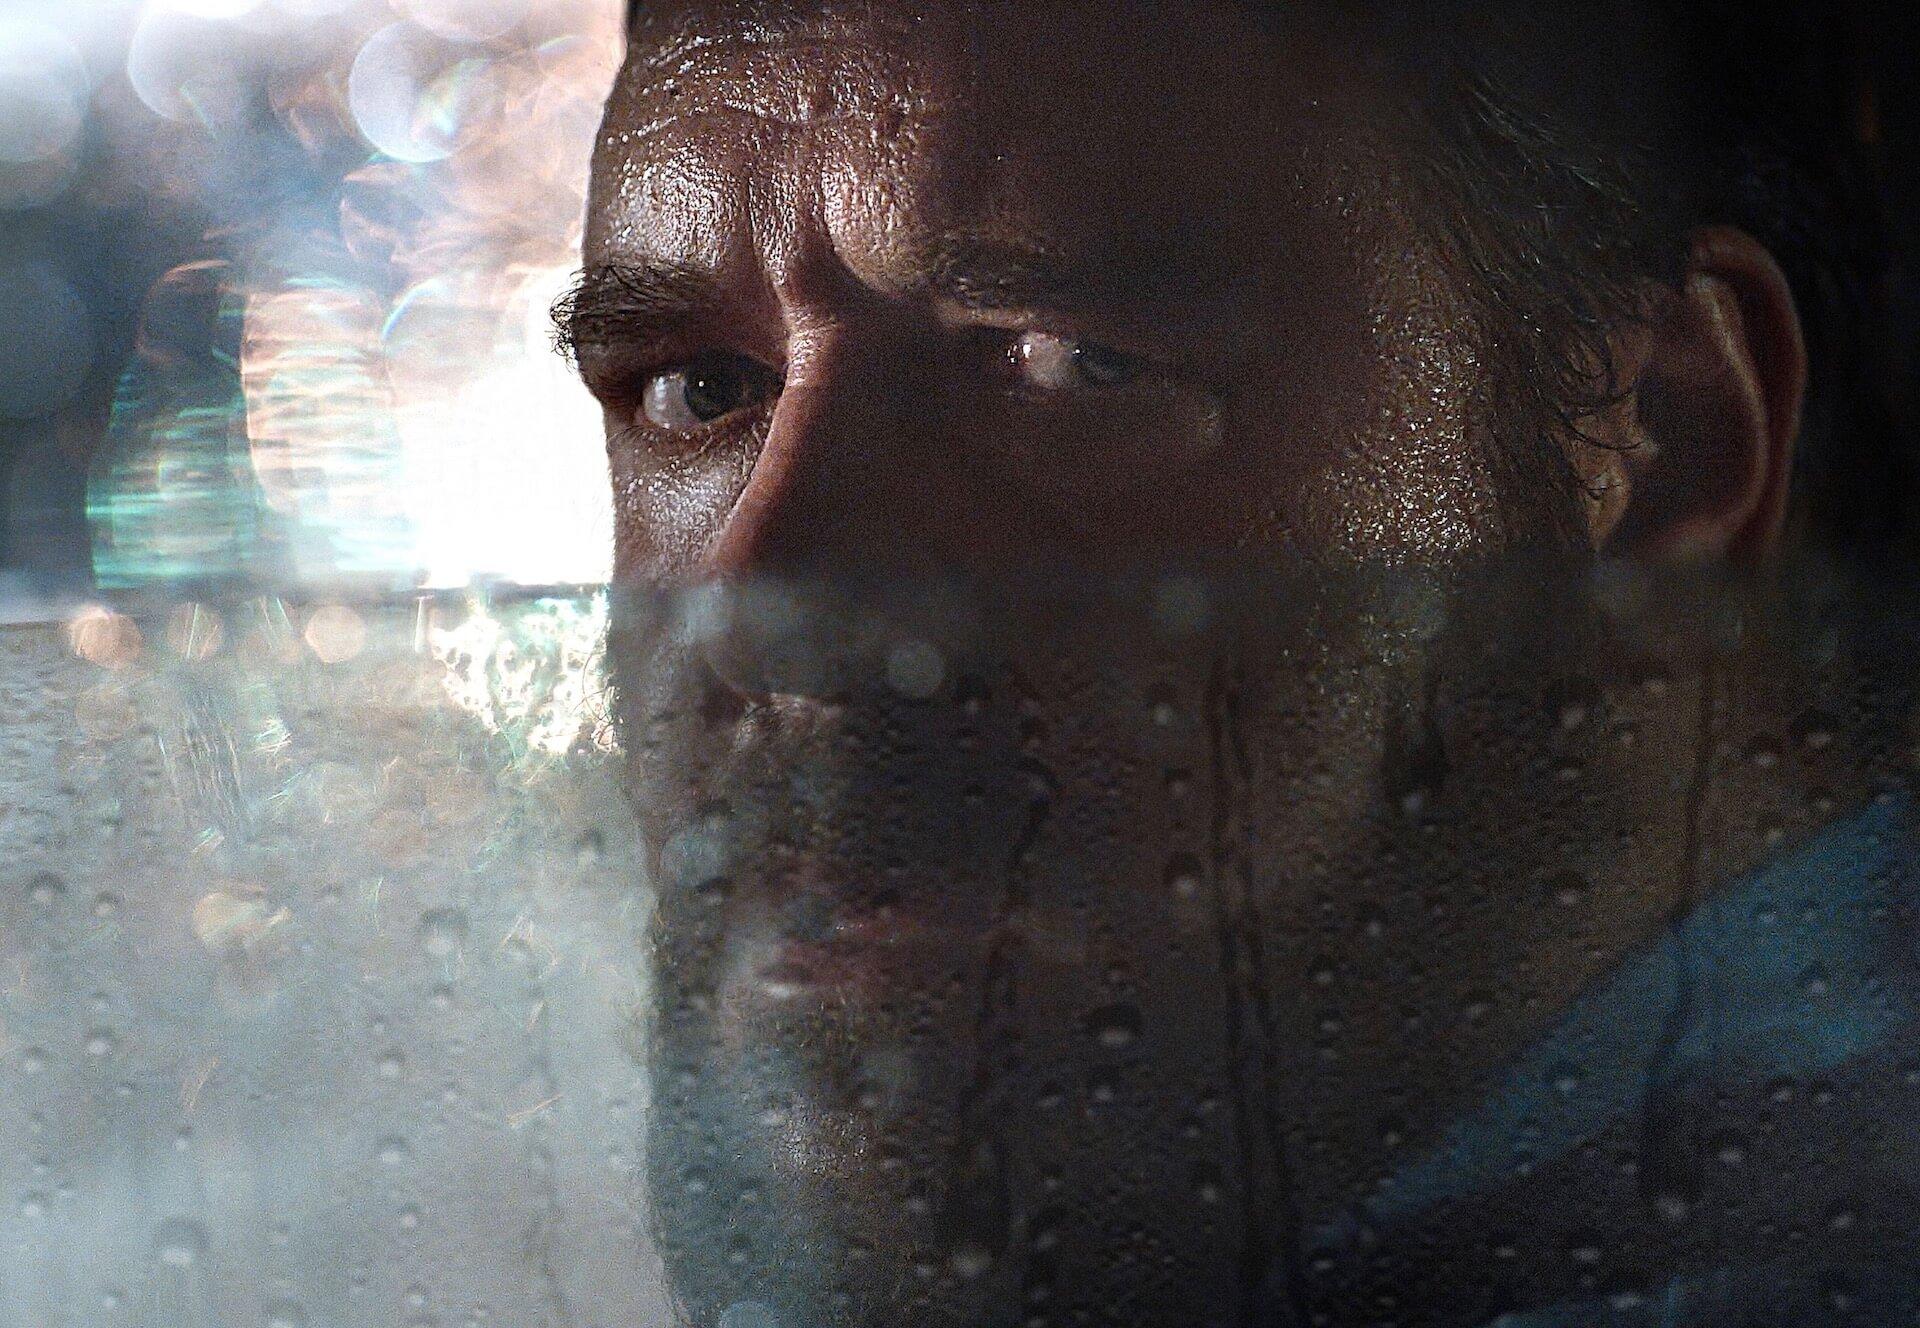 アカデミー賞俳優のラッセル・クロウがブチギレて煽り運転!?最新作『アオラレ』が公開決定&場面写真が解禁 film210126_unhinded_3